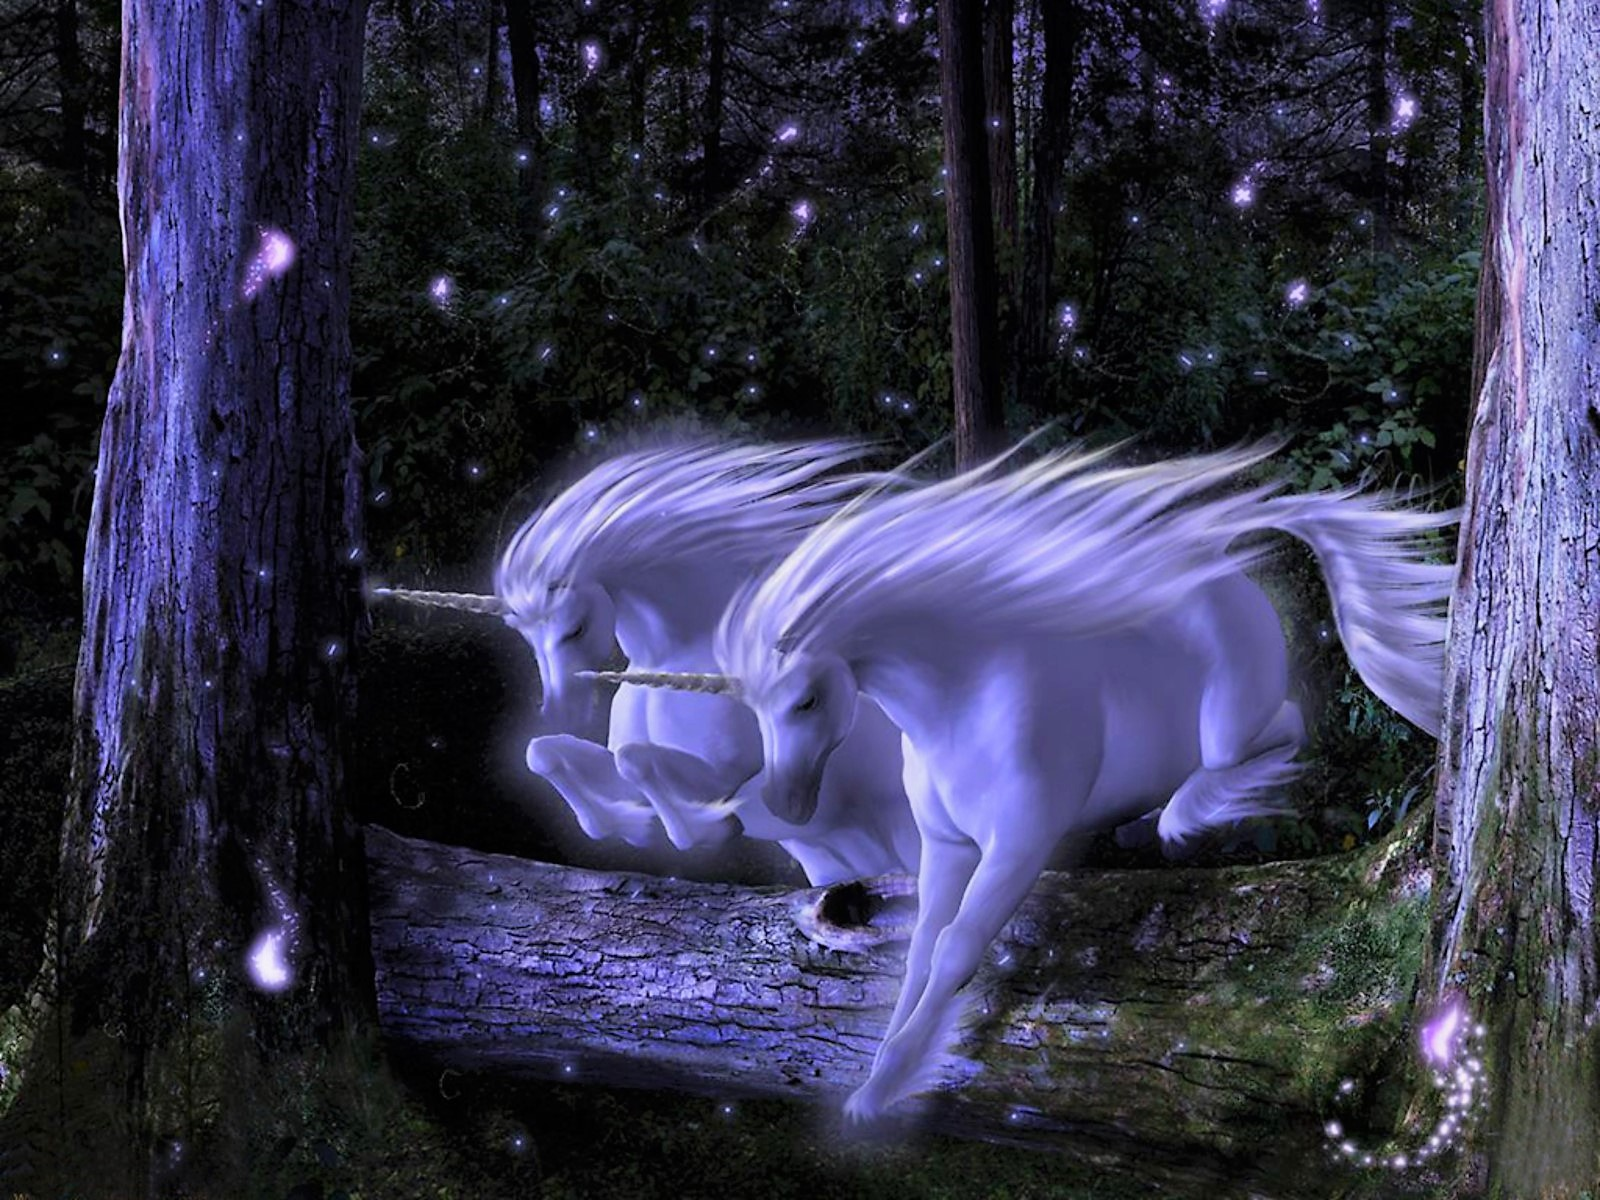 Learn More About Unicorn Mythology